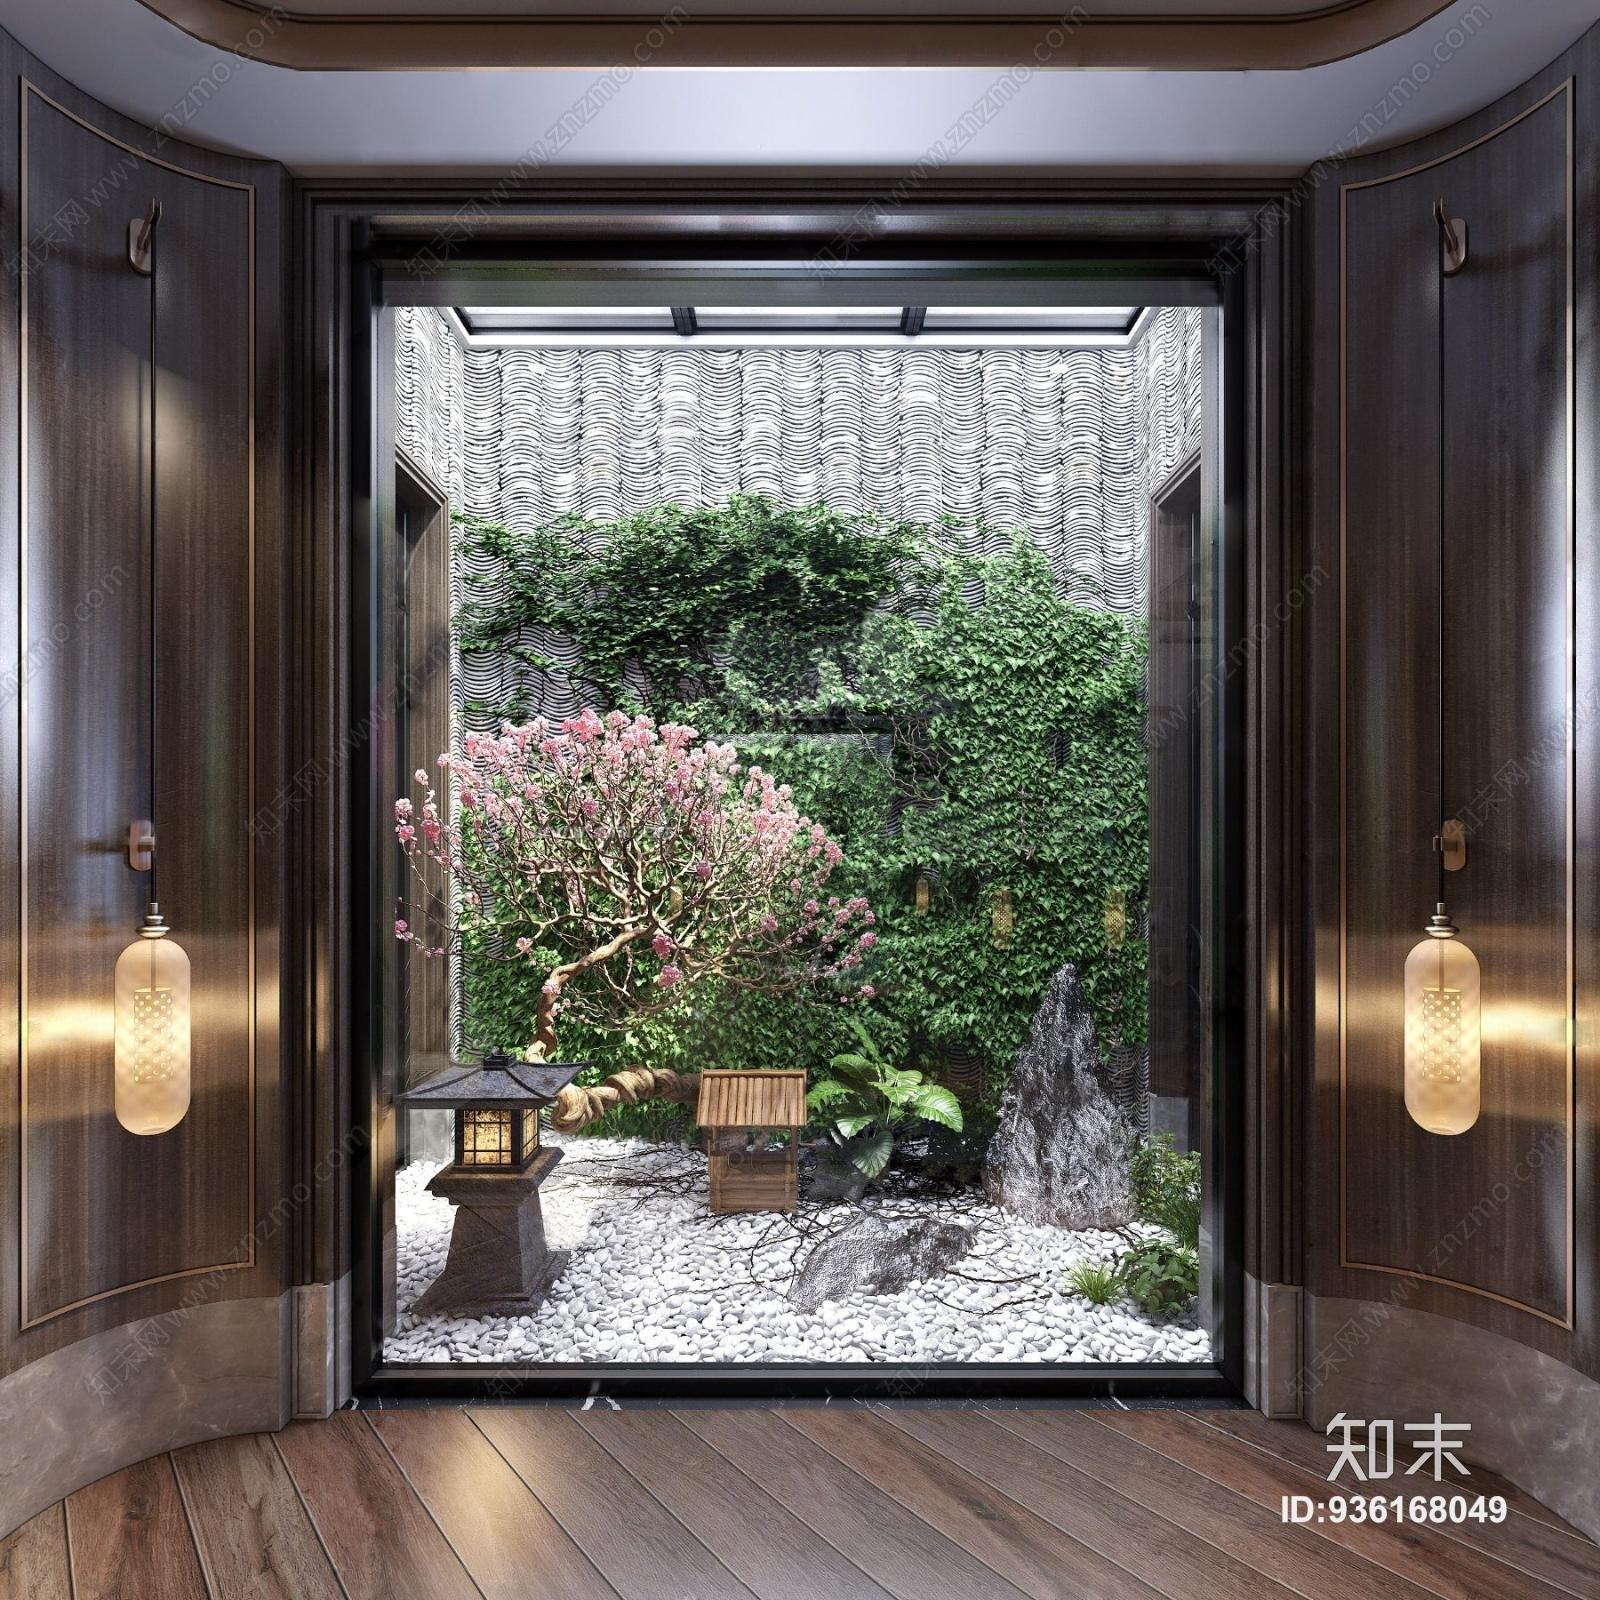 新中式天井花园景观